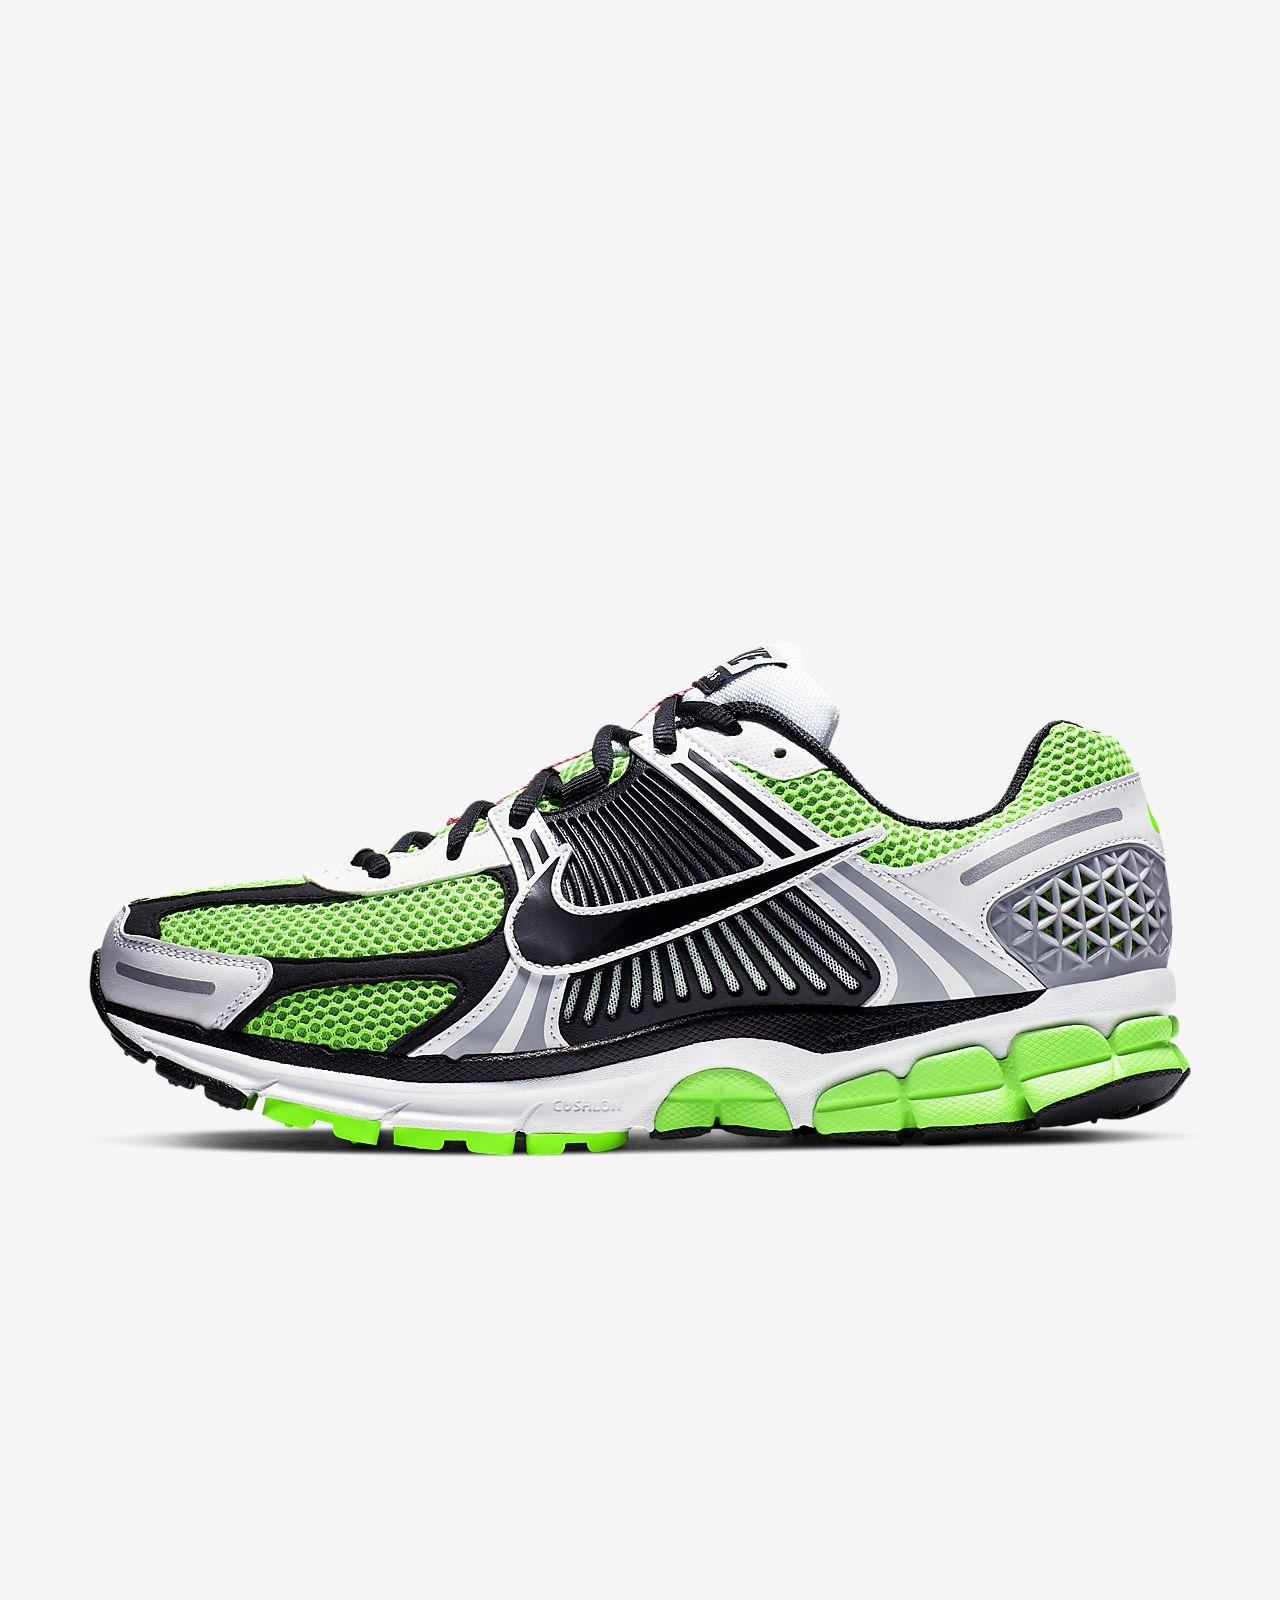 Nike Zoom Vomero 5 SE SP 男子运动鞋